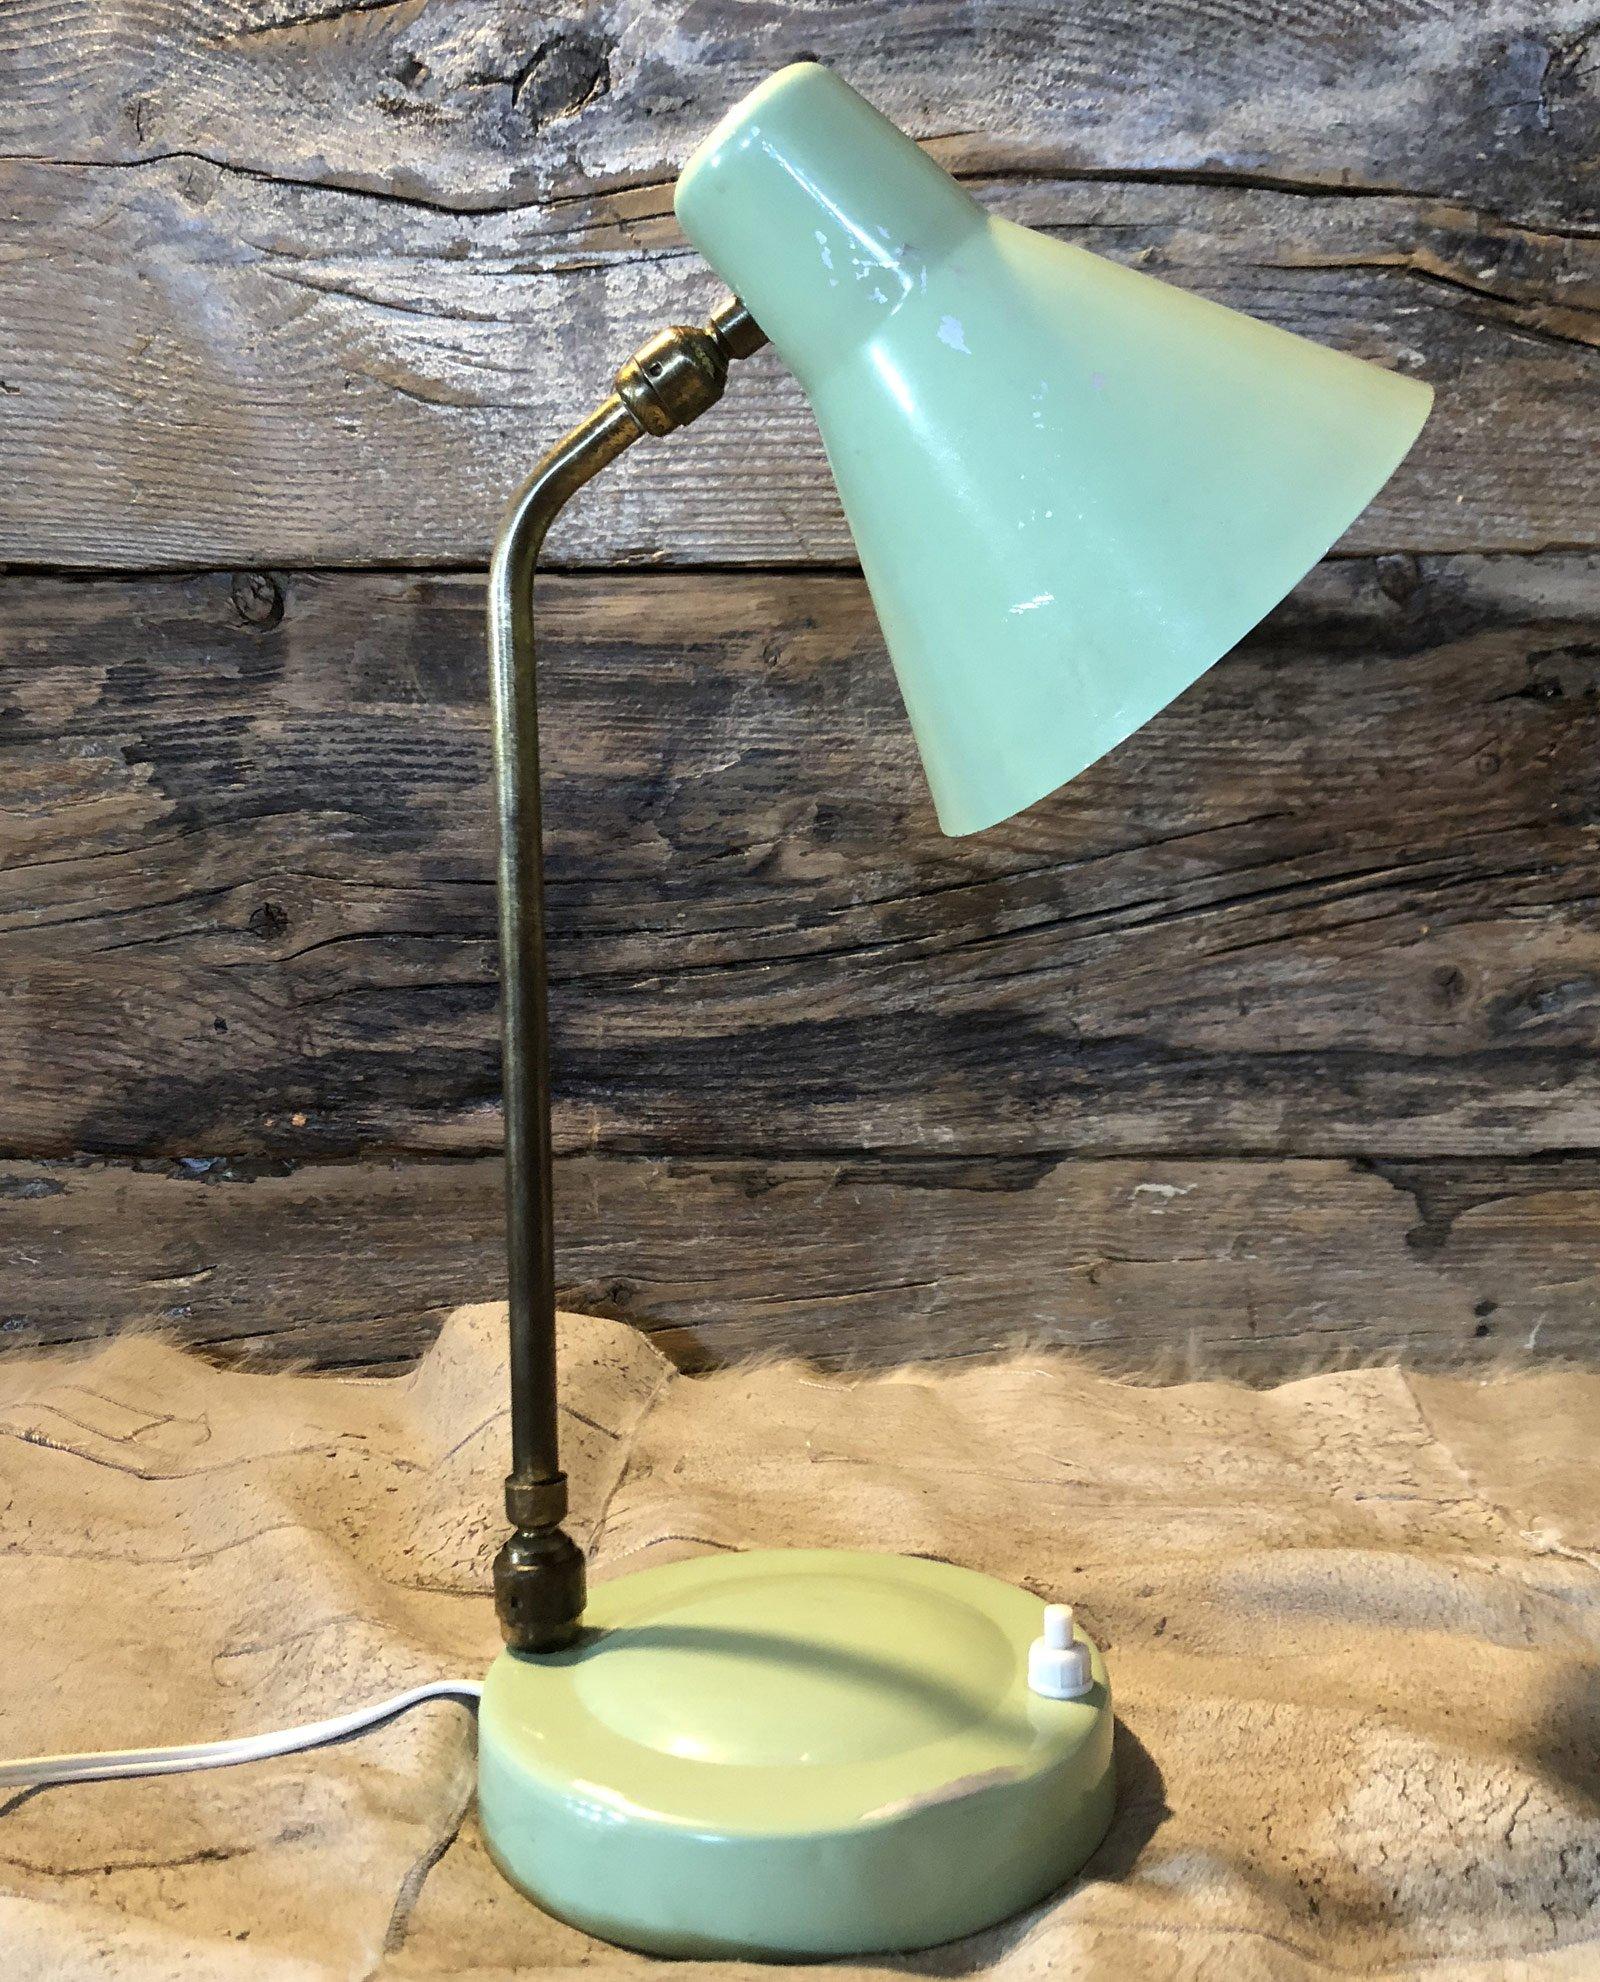 Lampada Da Scrivania In Ottone.Lampada Vintage Da Comodino Con Stelo In Ottone Parabola E Base Verde Acqua